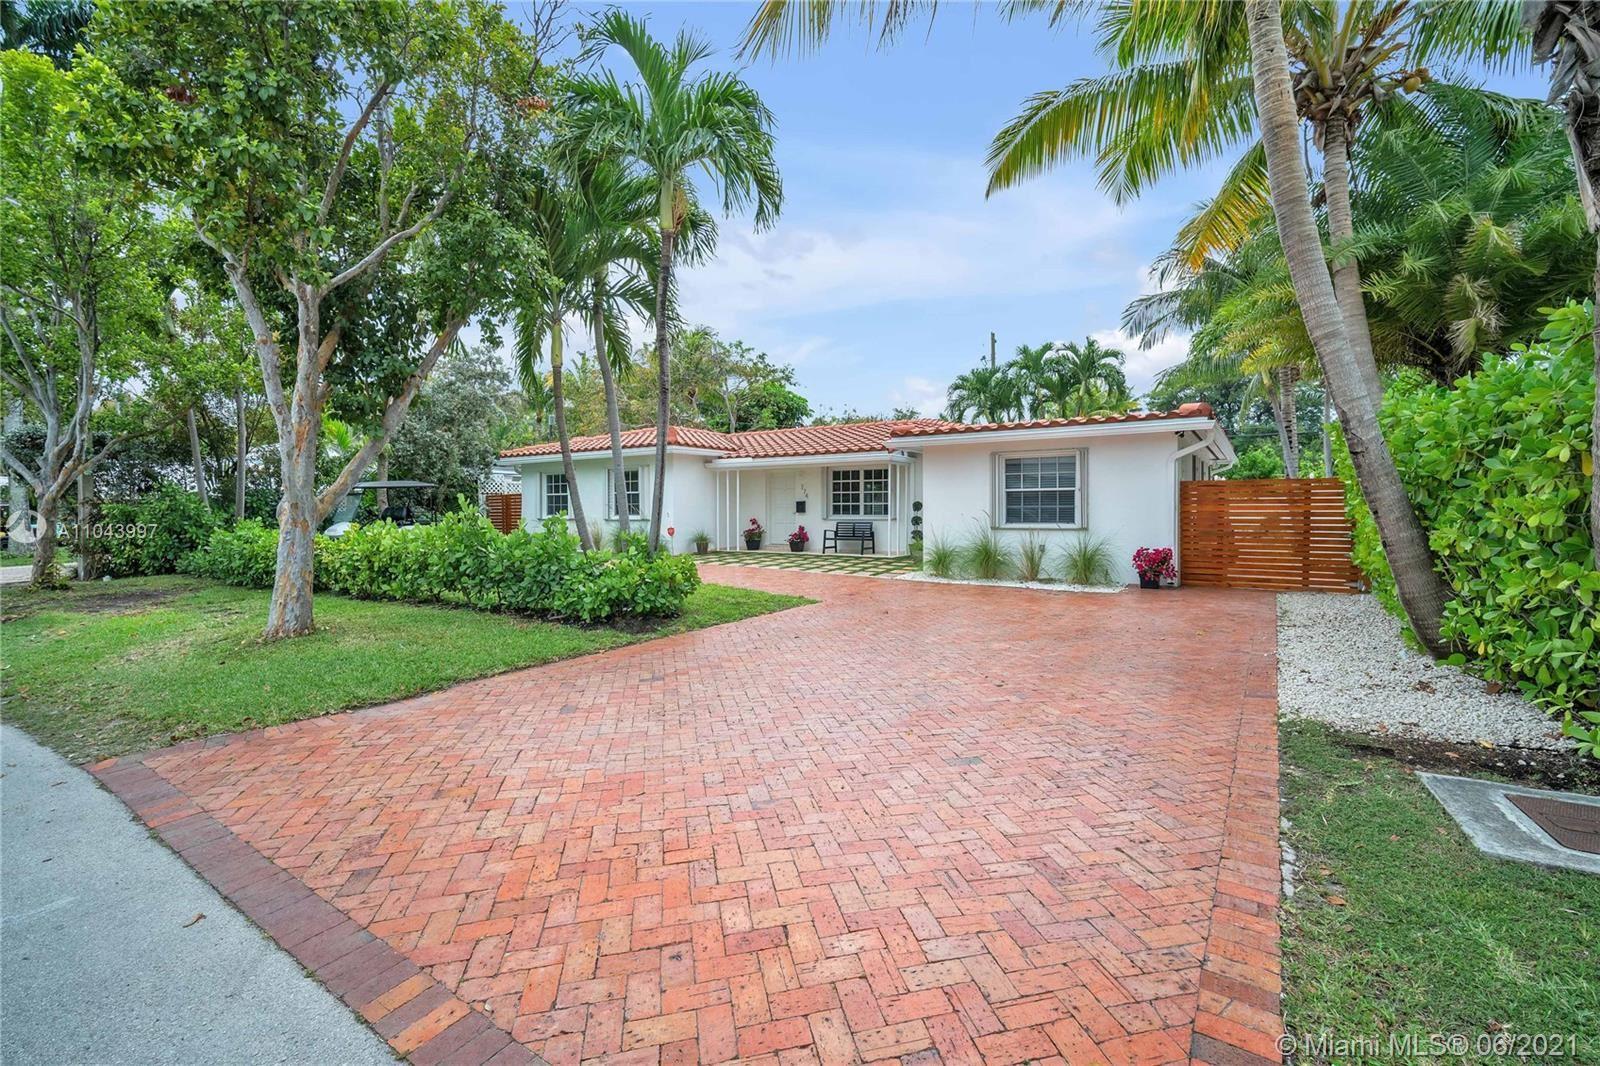 774 Fernwood Rd, Key Biscayne, FL 33149 - #: A11043997